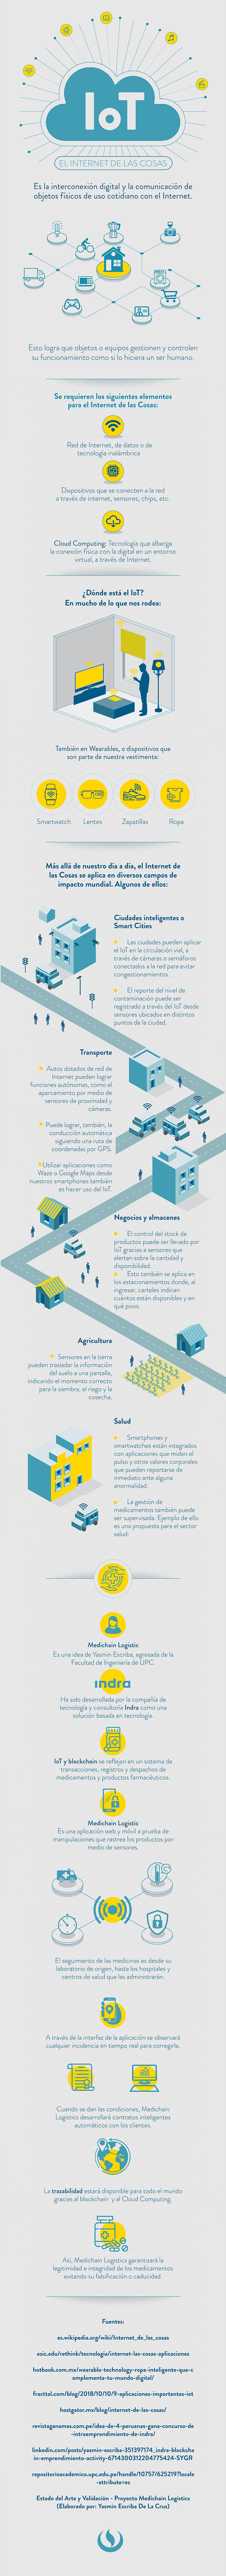 Infografía UPC – IoT, El Internet de las Cosas en nuestro entorno